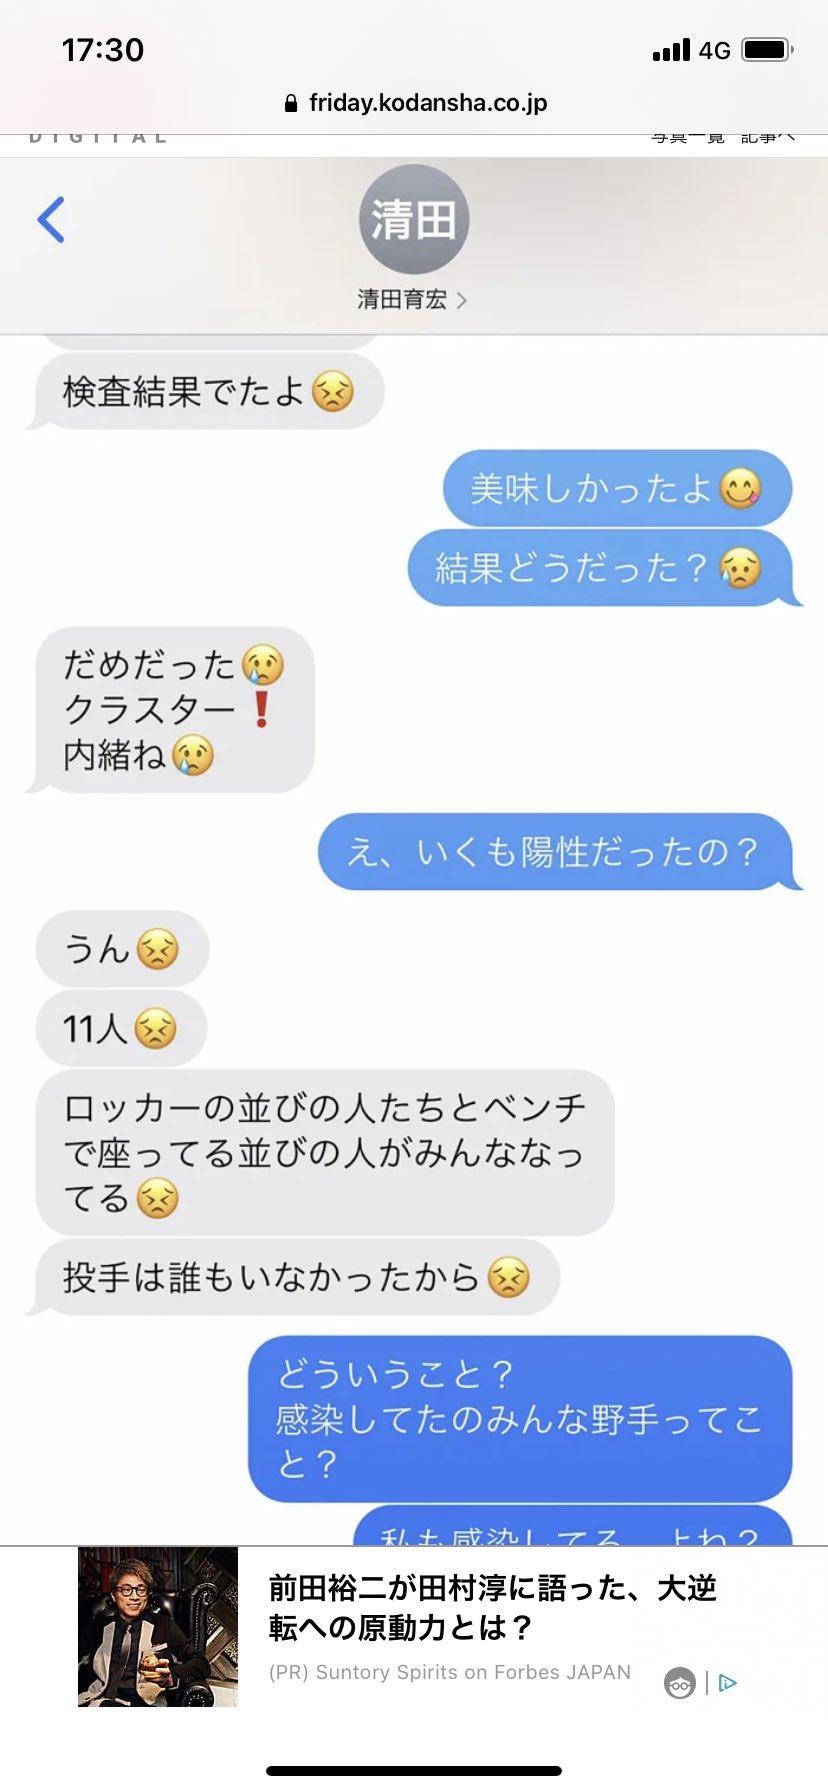 kuyouta_furin2_1.jpeg